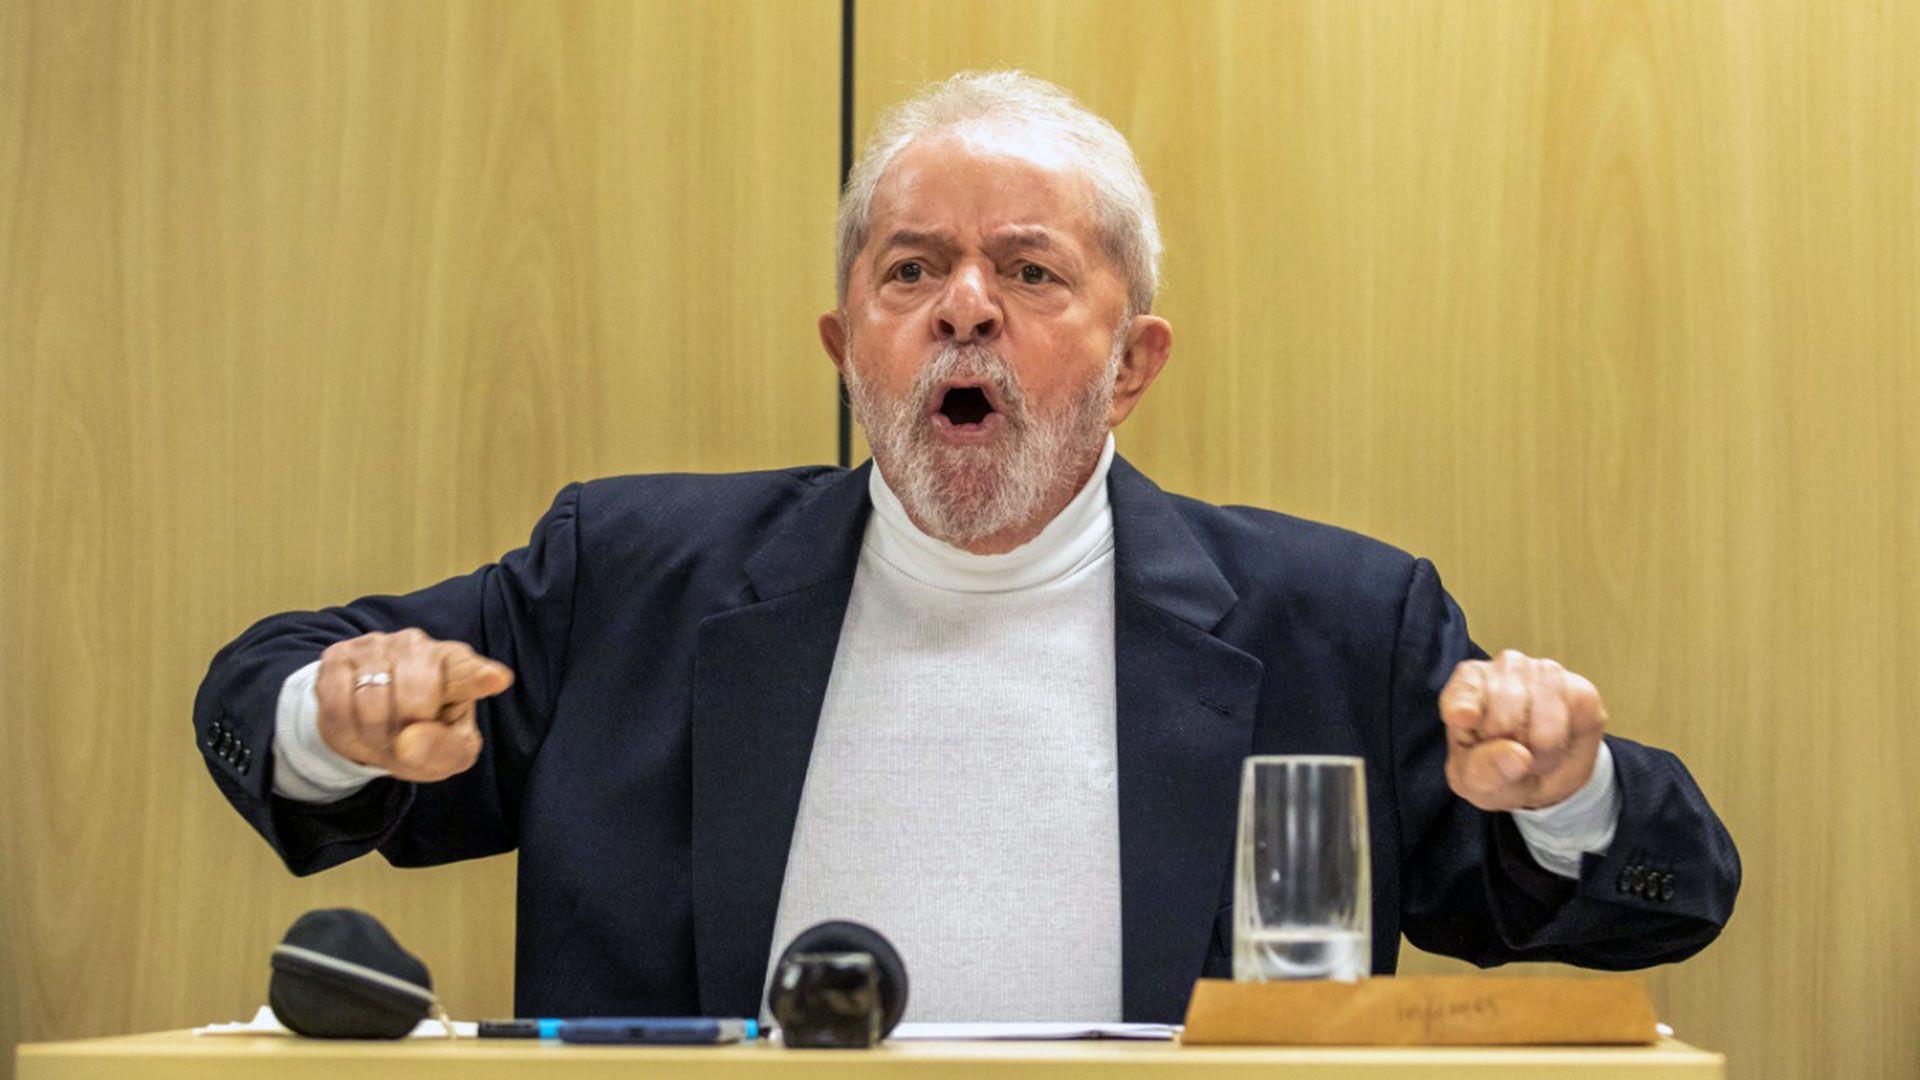 El ex presidente de Brasil, Luiz Inácio Lula da Silva, un antiguo promotor de Petrobras (Theo Marques / Soylocoporti / FrameFoto)